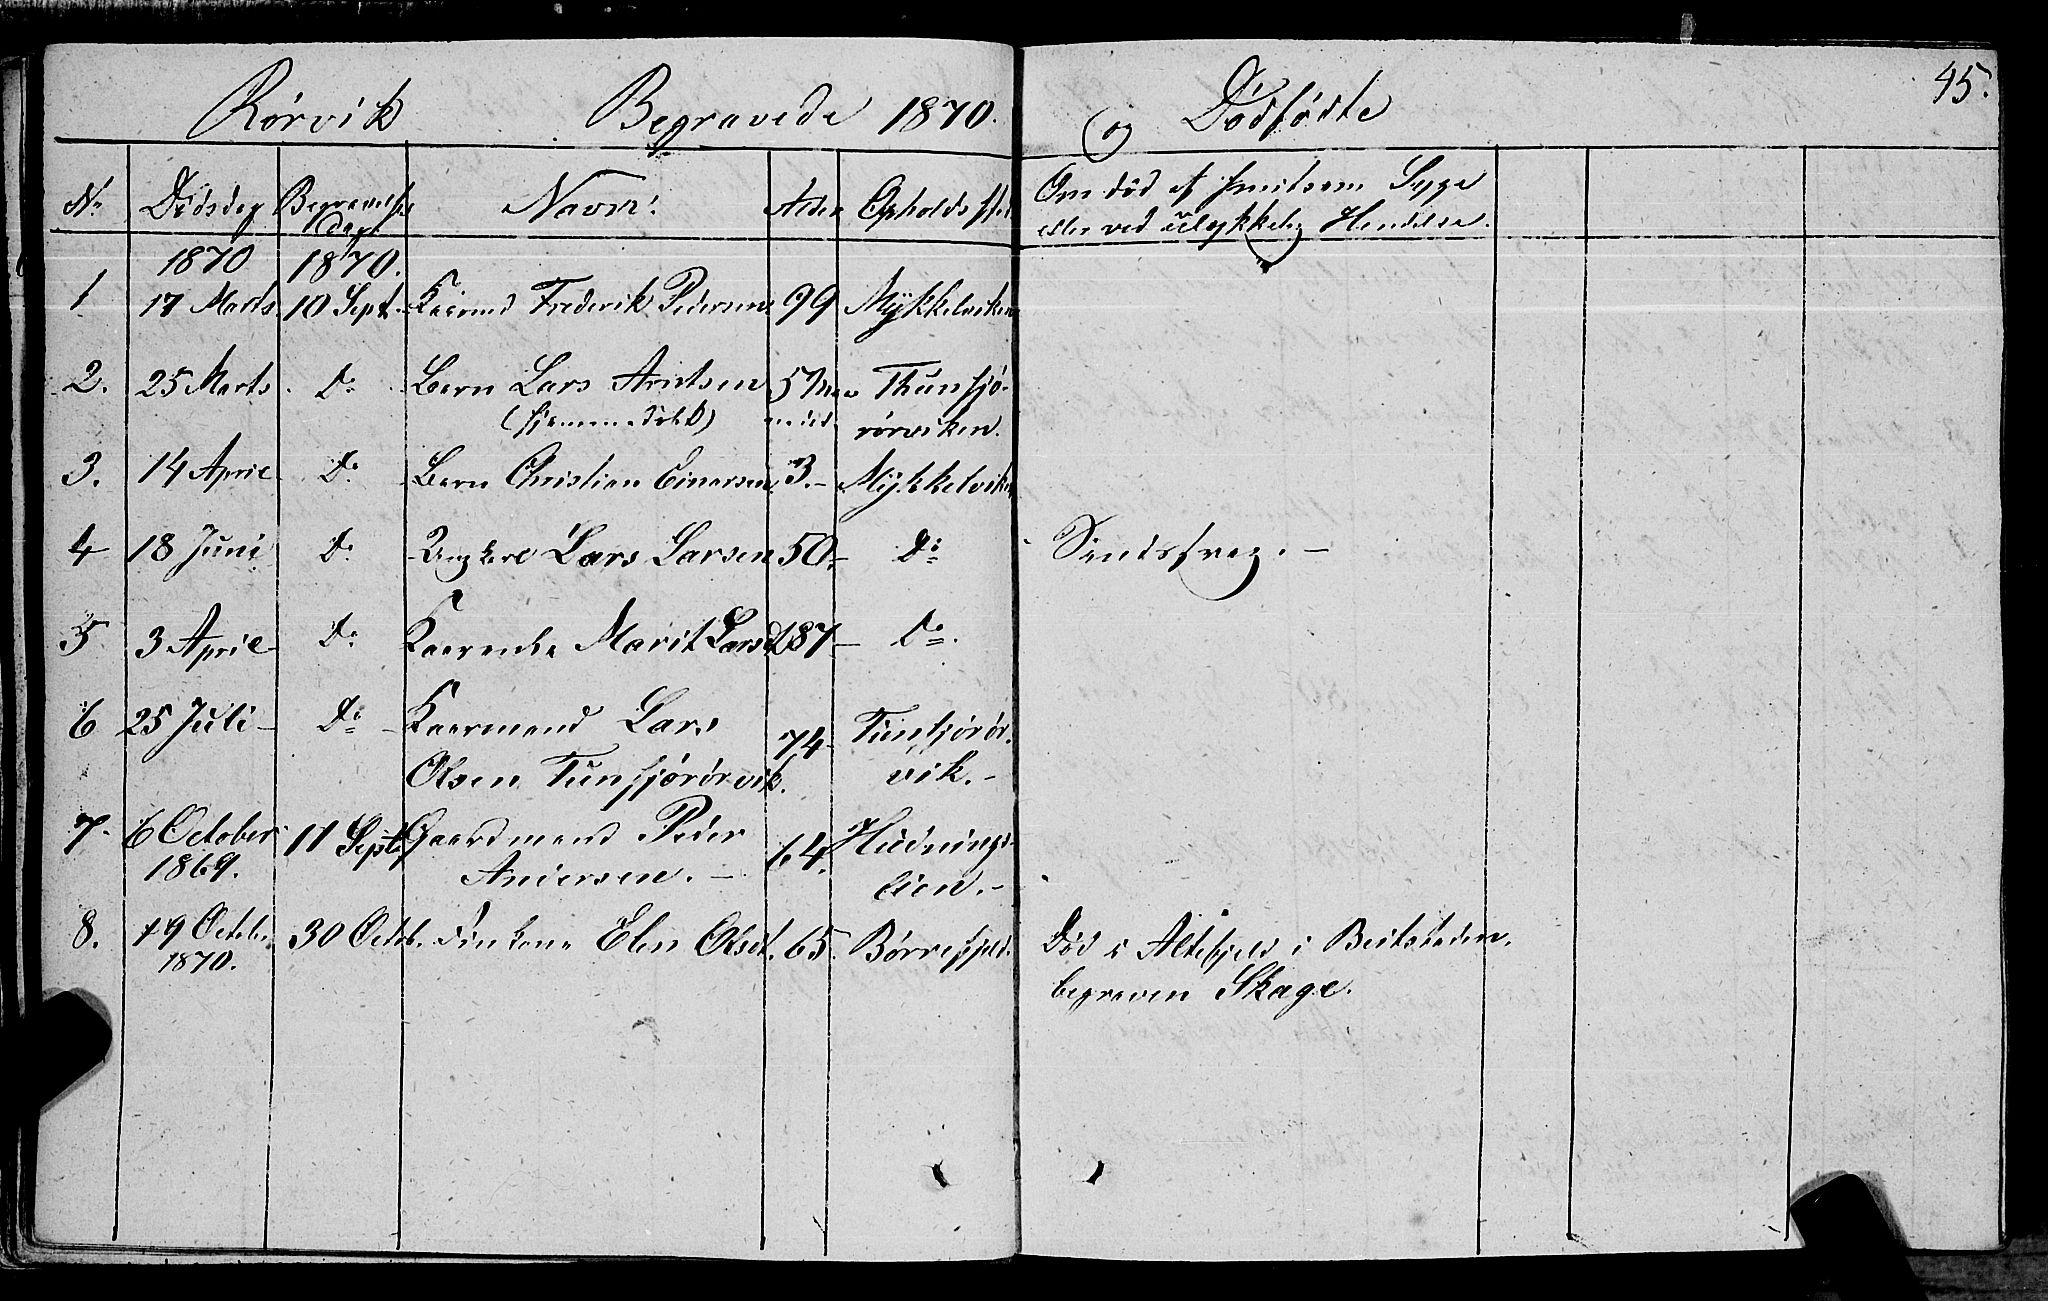 SAT, Ministerialprotokoller, klokkerbøker og fødselsregistre - Nord-Trøndelag, 762/L0538: Ministerialbok nr. 762A02 /1, 1833-1879, s. 45